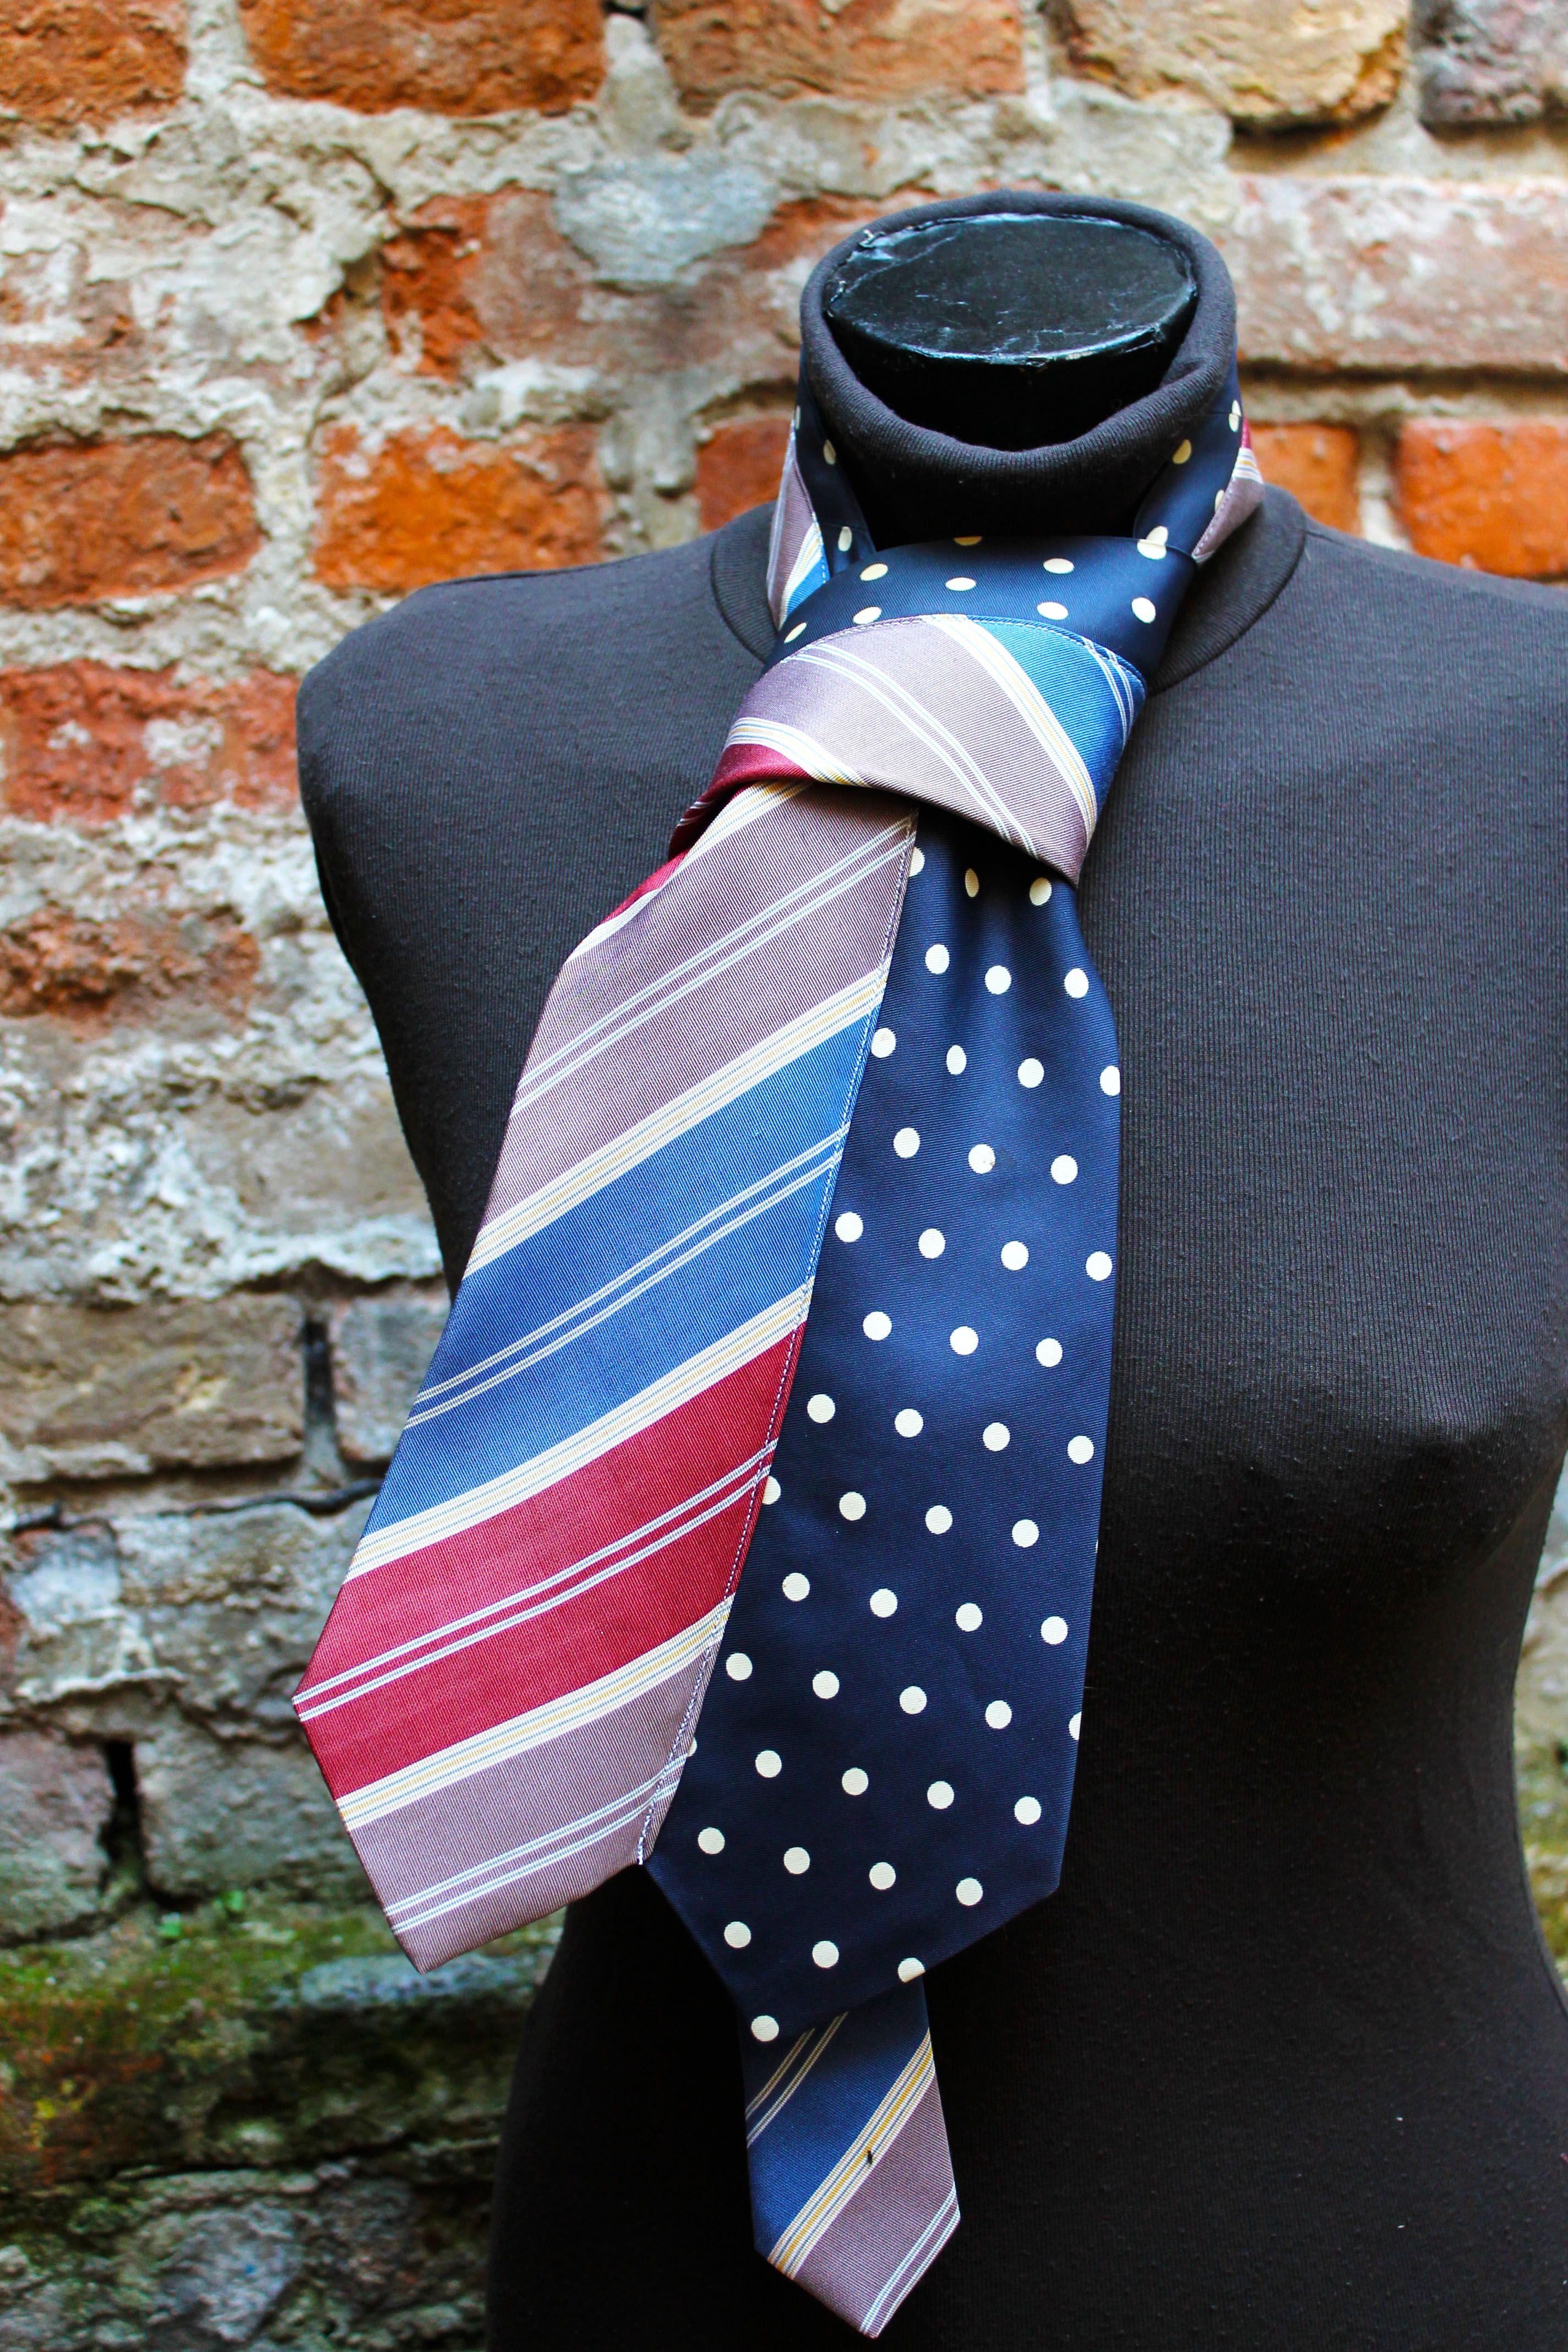 Foulard unisex. Realizzato con cravatte vintage in pura seta